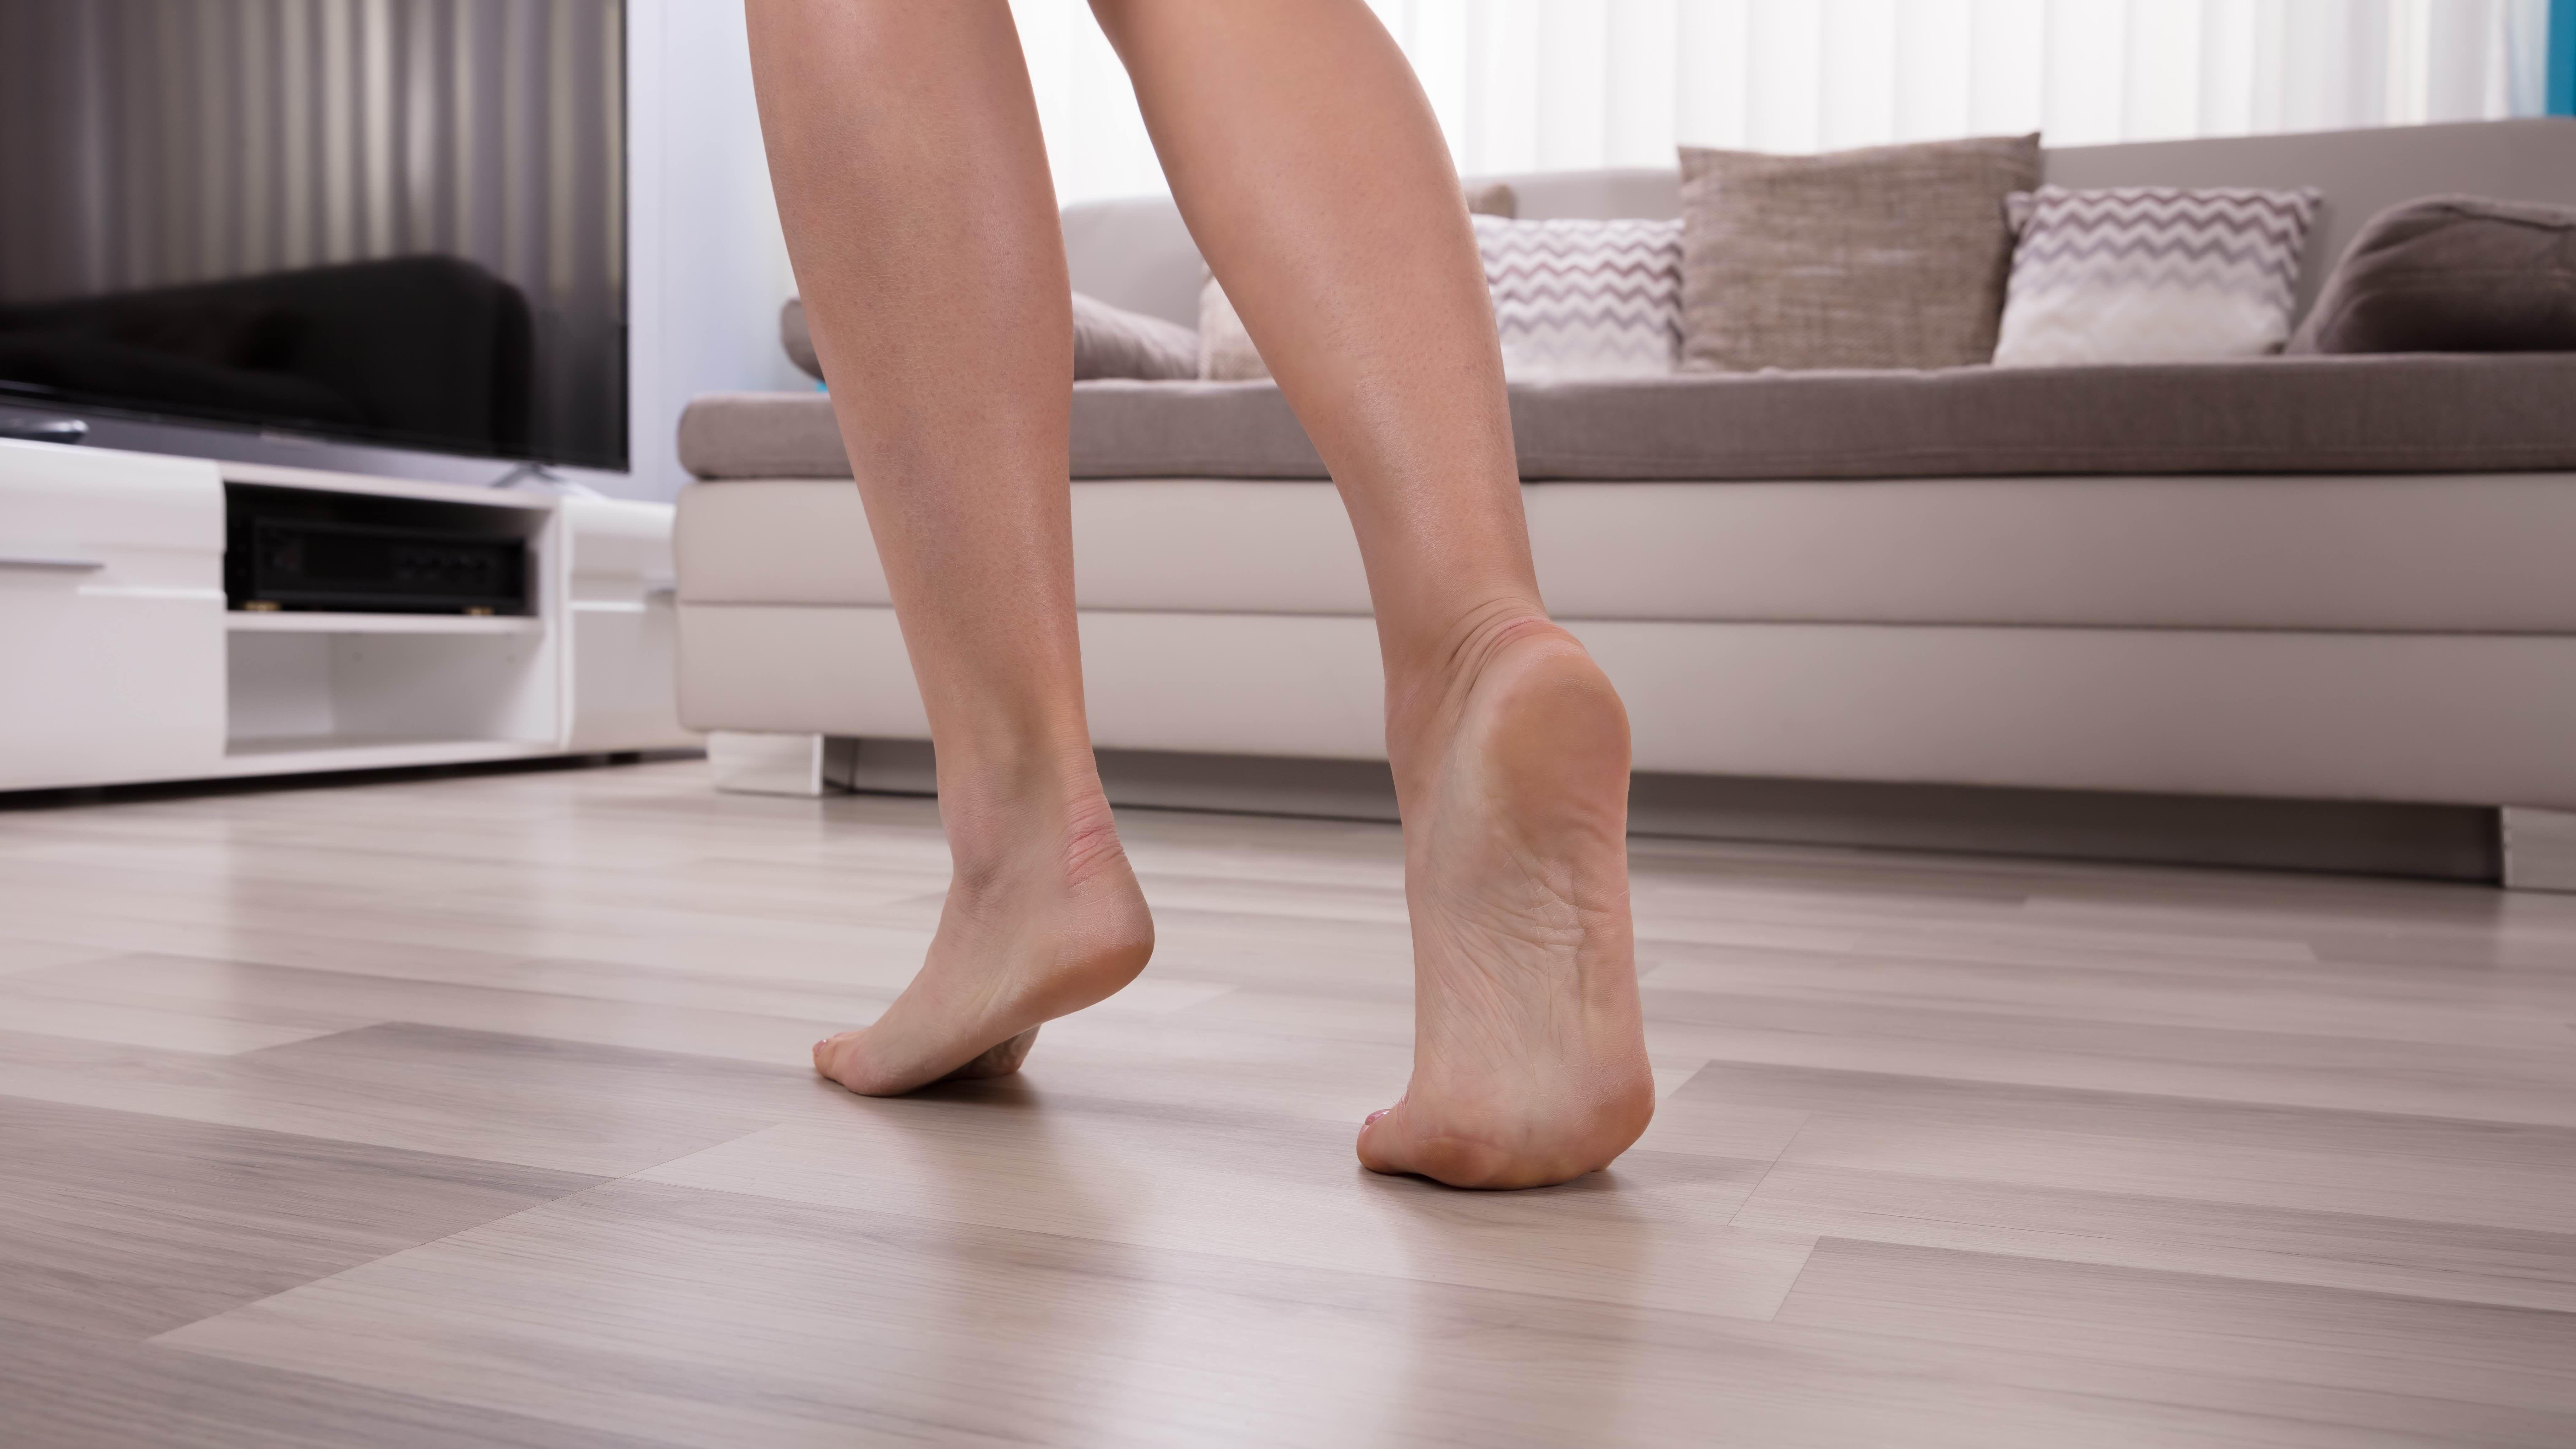 Elektrische vloerverwarming | Dit moet je weten & prijzen | Huisa.nl